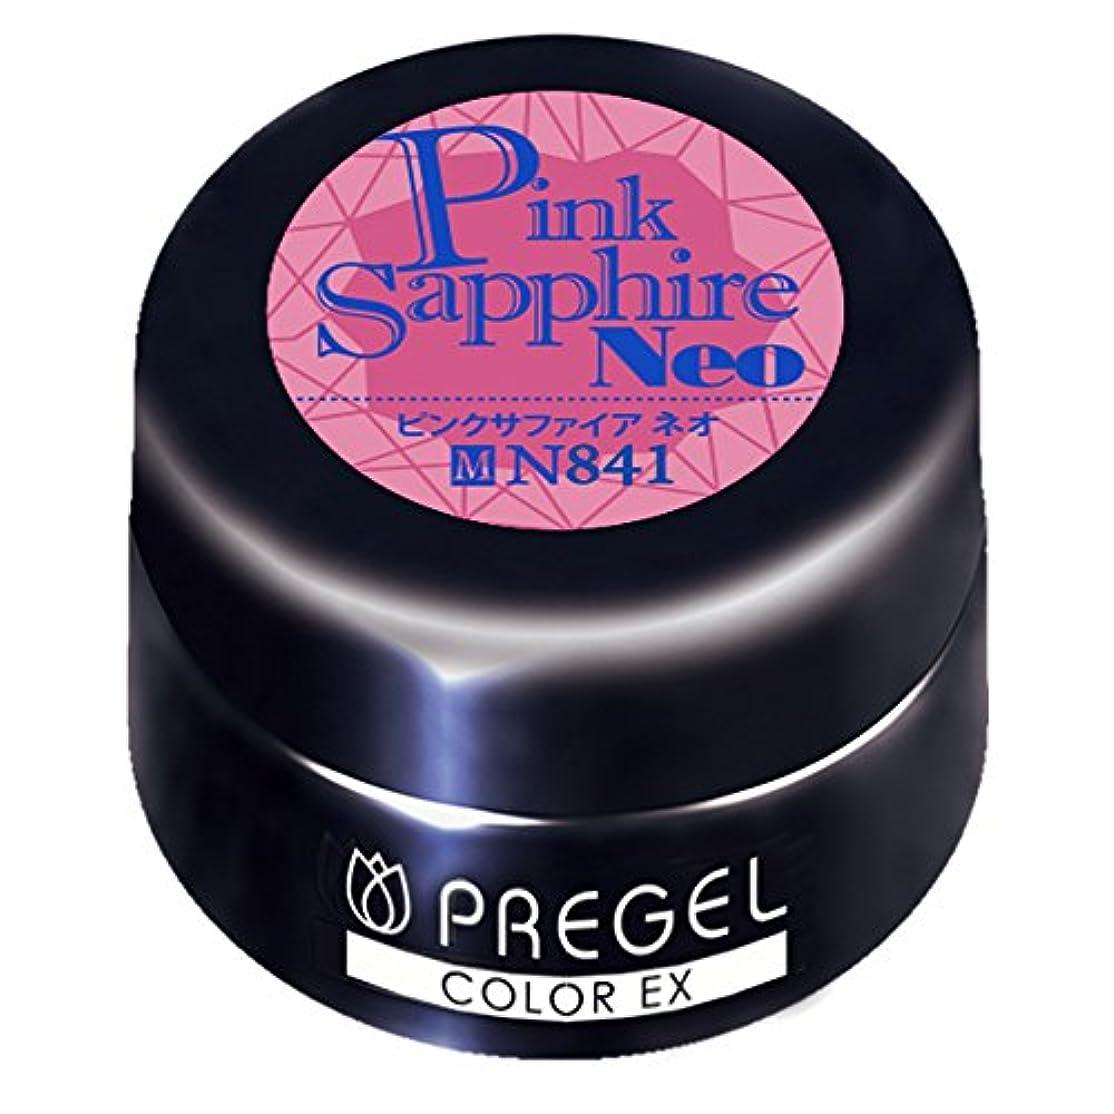 無知乱暴なサッカーPRE GEL カラーEX ピンクサファイヤneo841 3g UV/LED対応